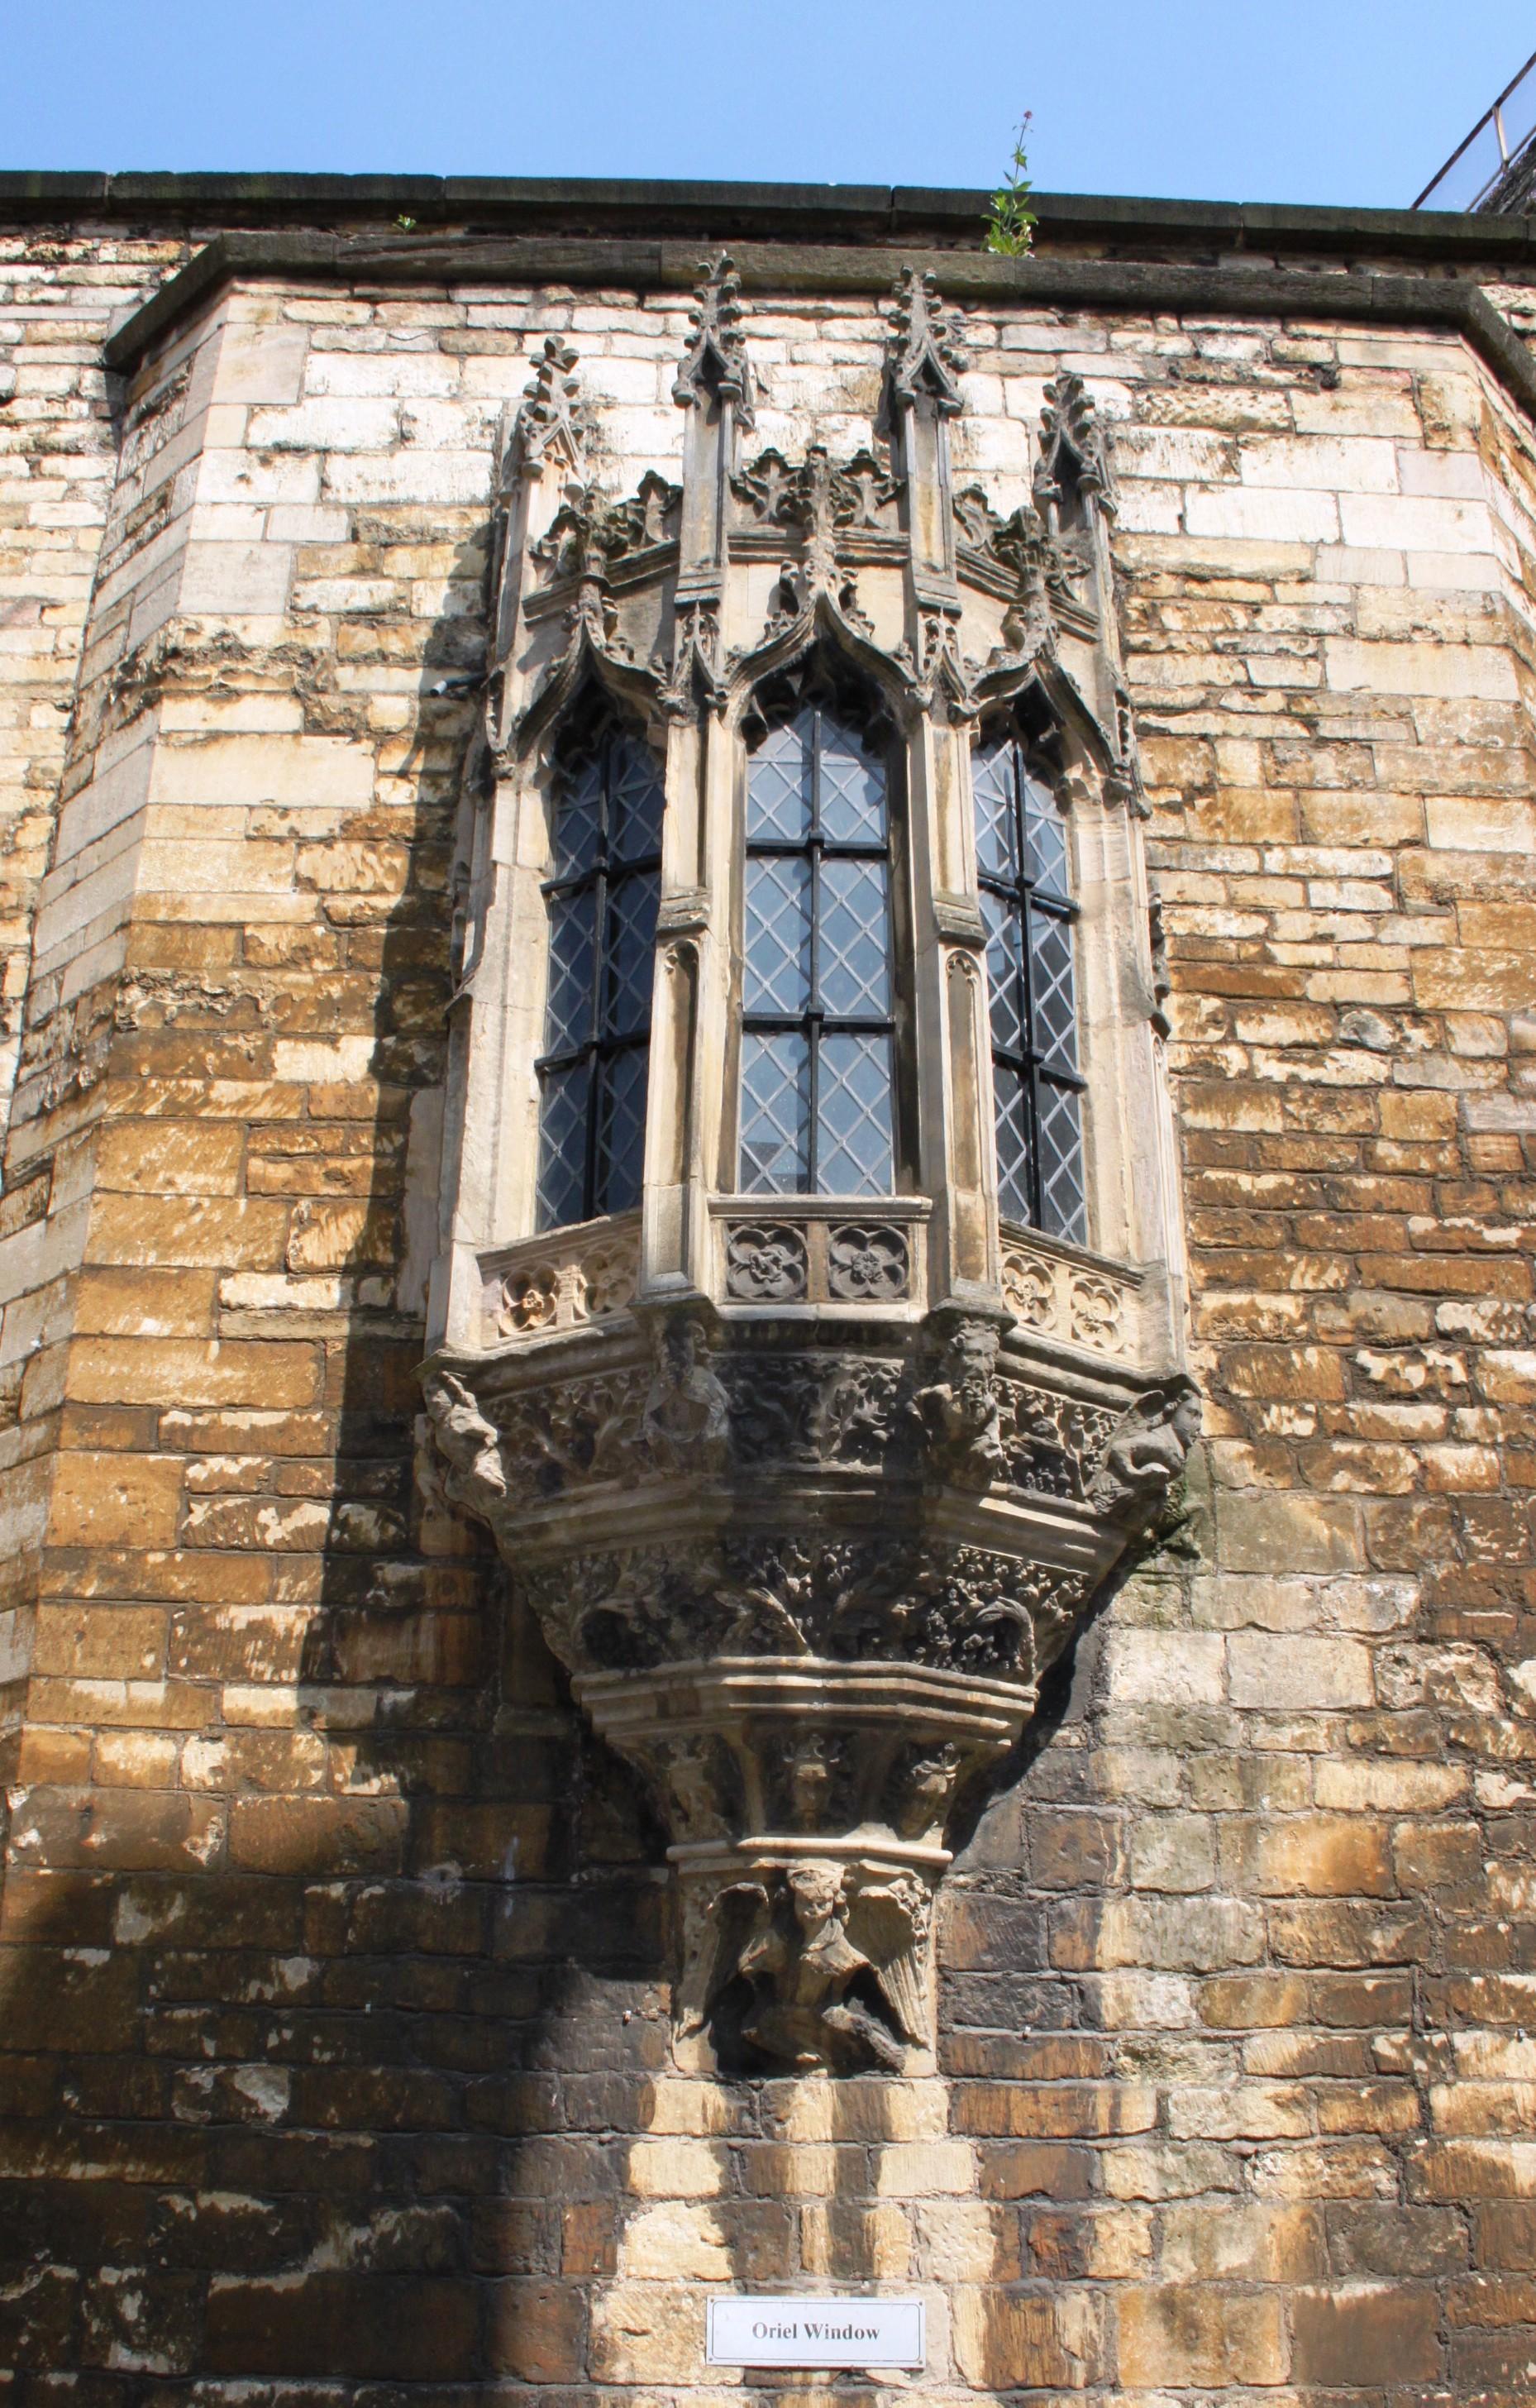 An oriel window